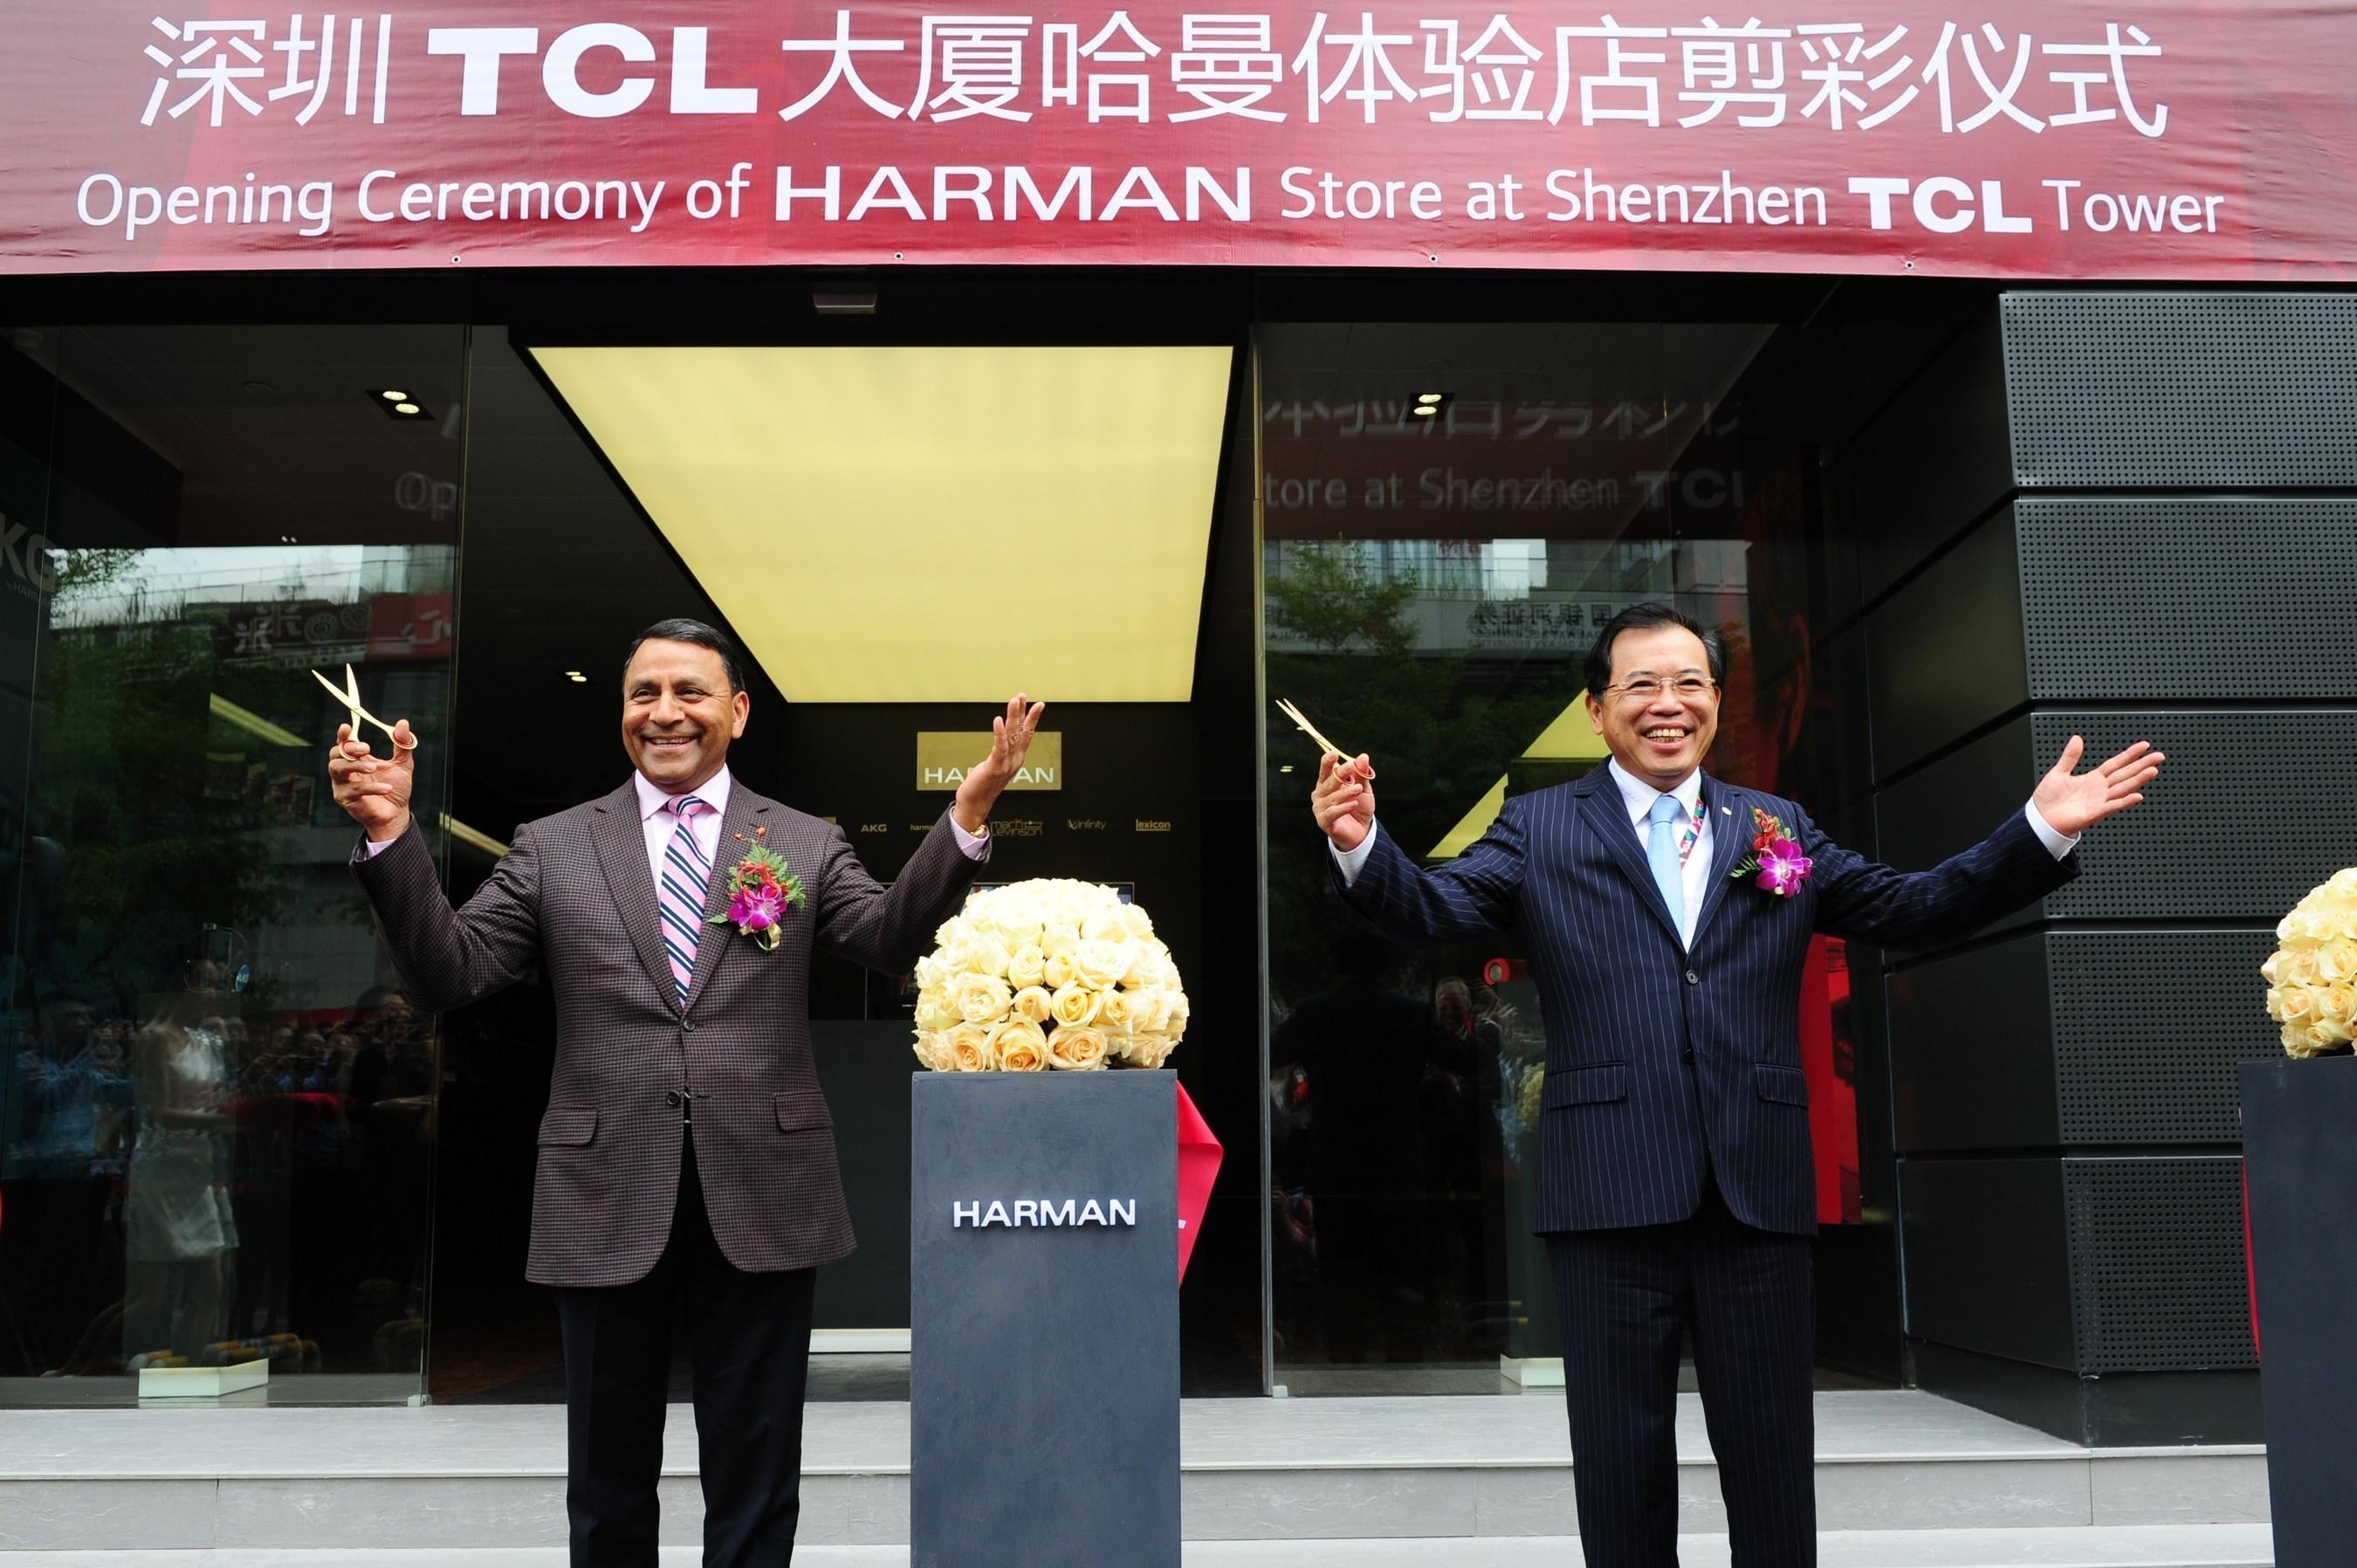 Mit dem Einzug des Harman Flagship Store in den TCL Tower vertiefen zwei Marken von Weltklasse ihre